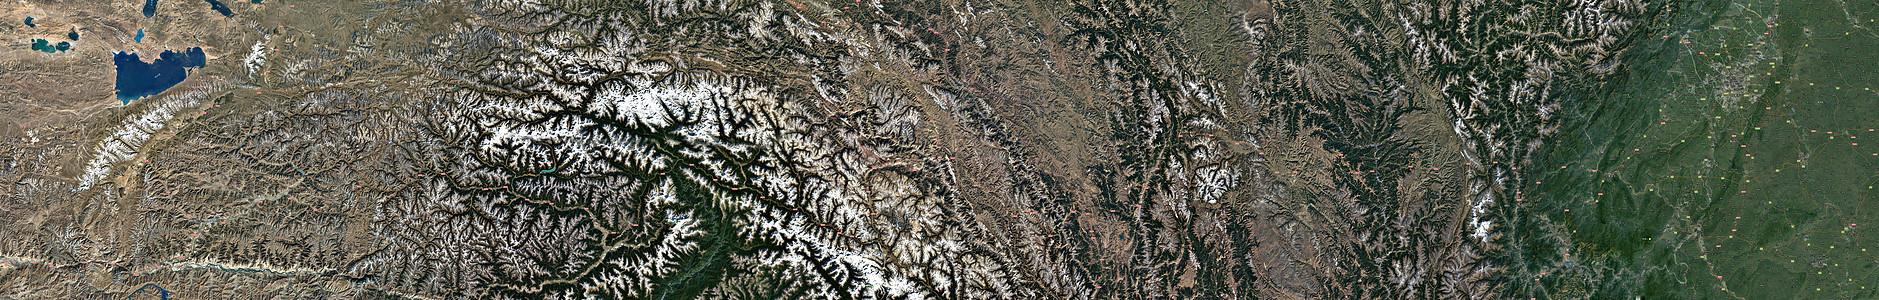 318国道高分辨率卫星地图(城都-拉萨)图片